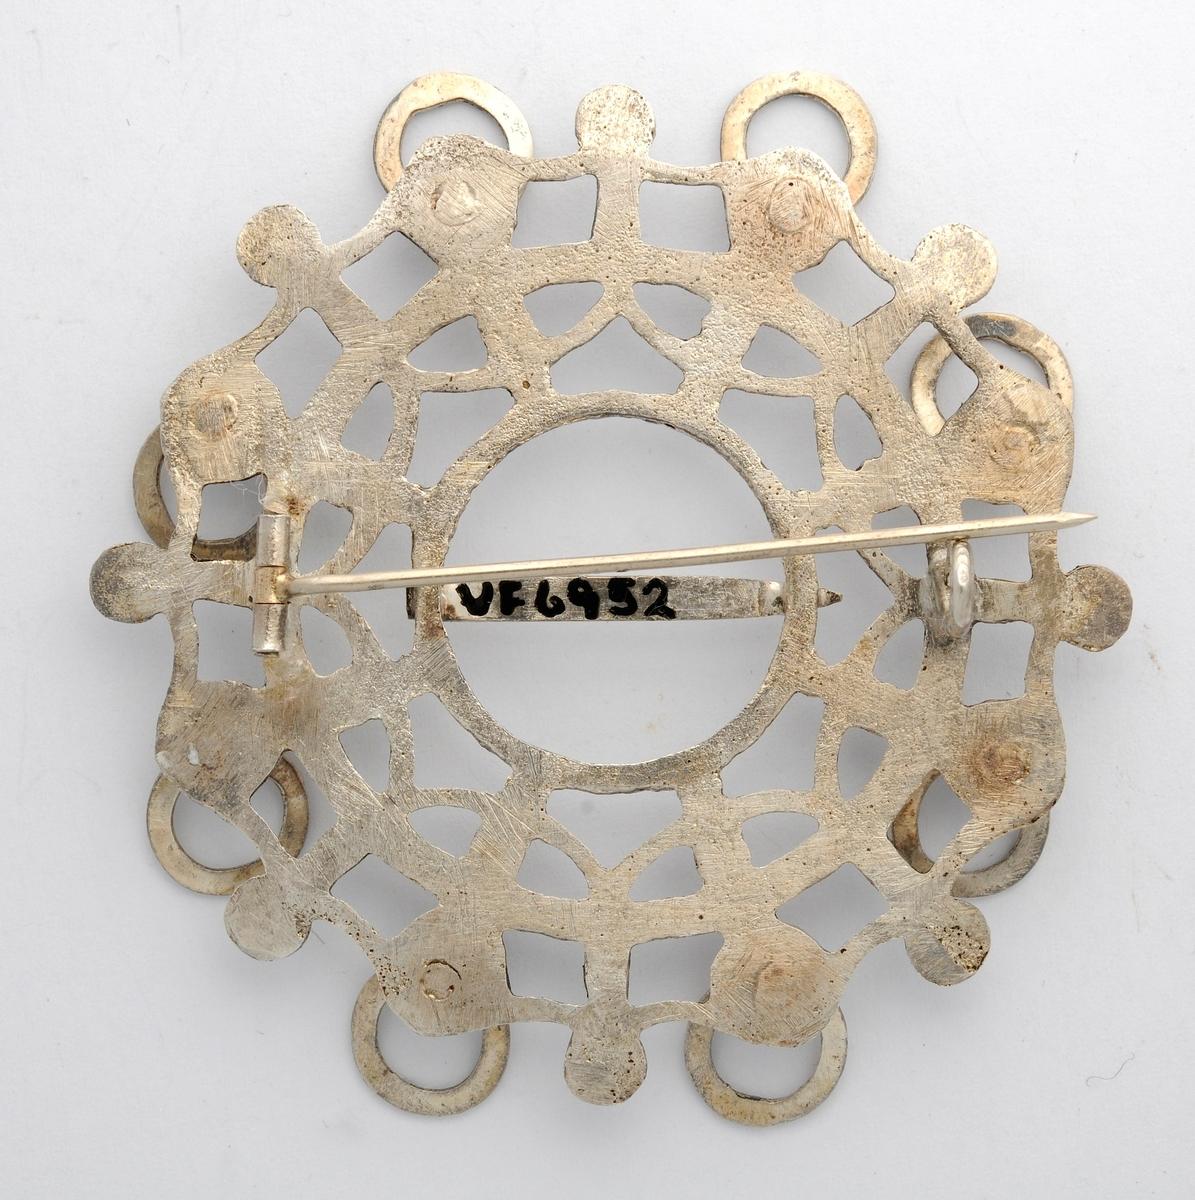 Sølje i sølv (utan stempel), støypt og med mønster på framsida. Rundt kanten åtte hemper med ringar i. Tanna er etterlikna etter gamle søljer, men fastlodda. Moderne nål på baksida.